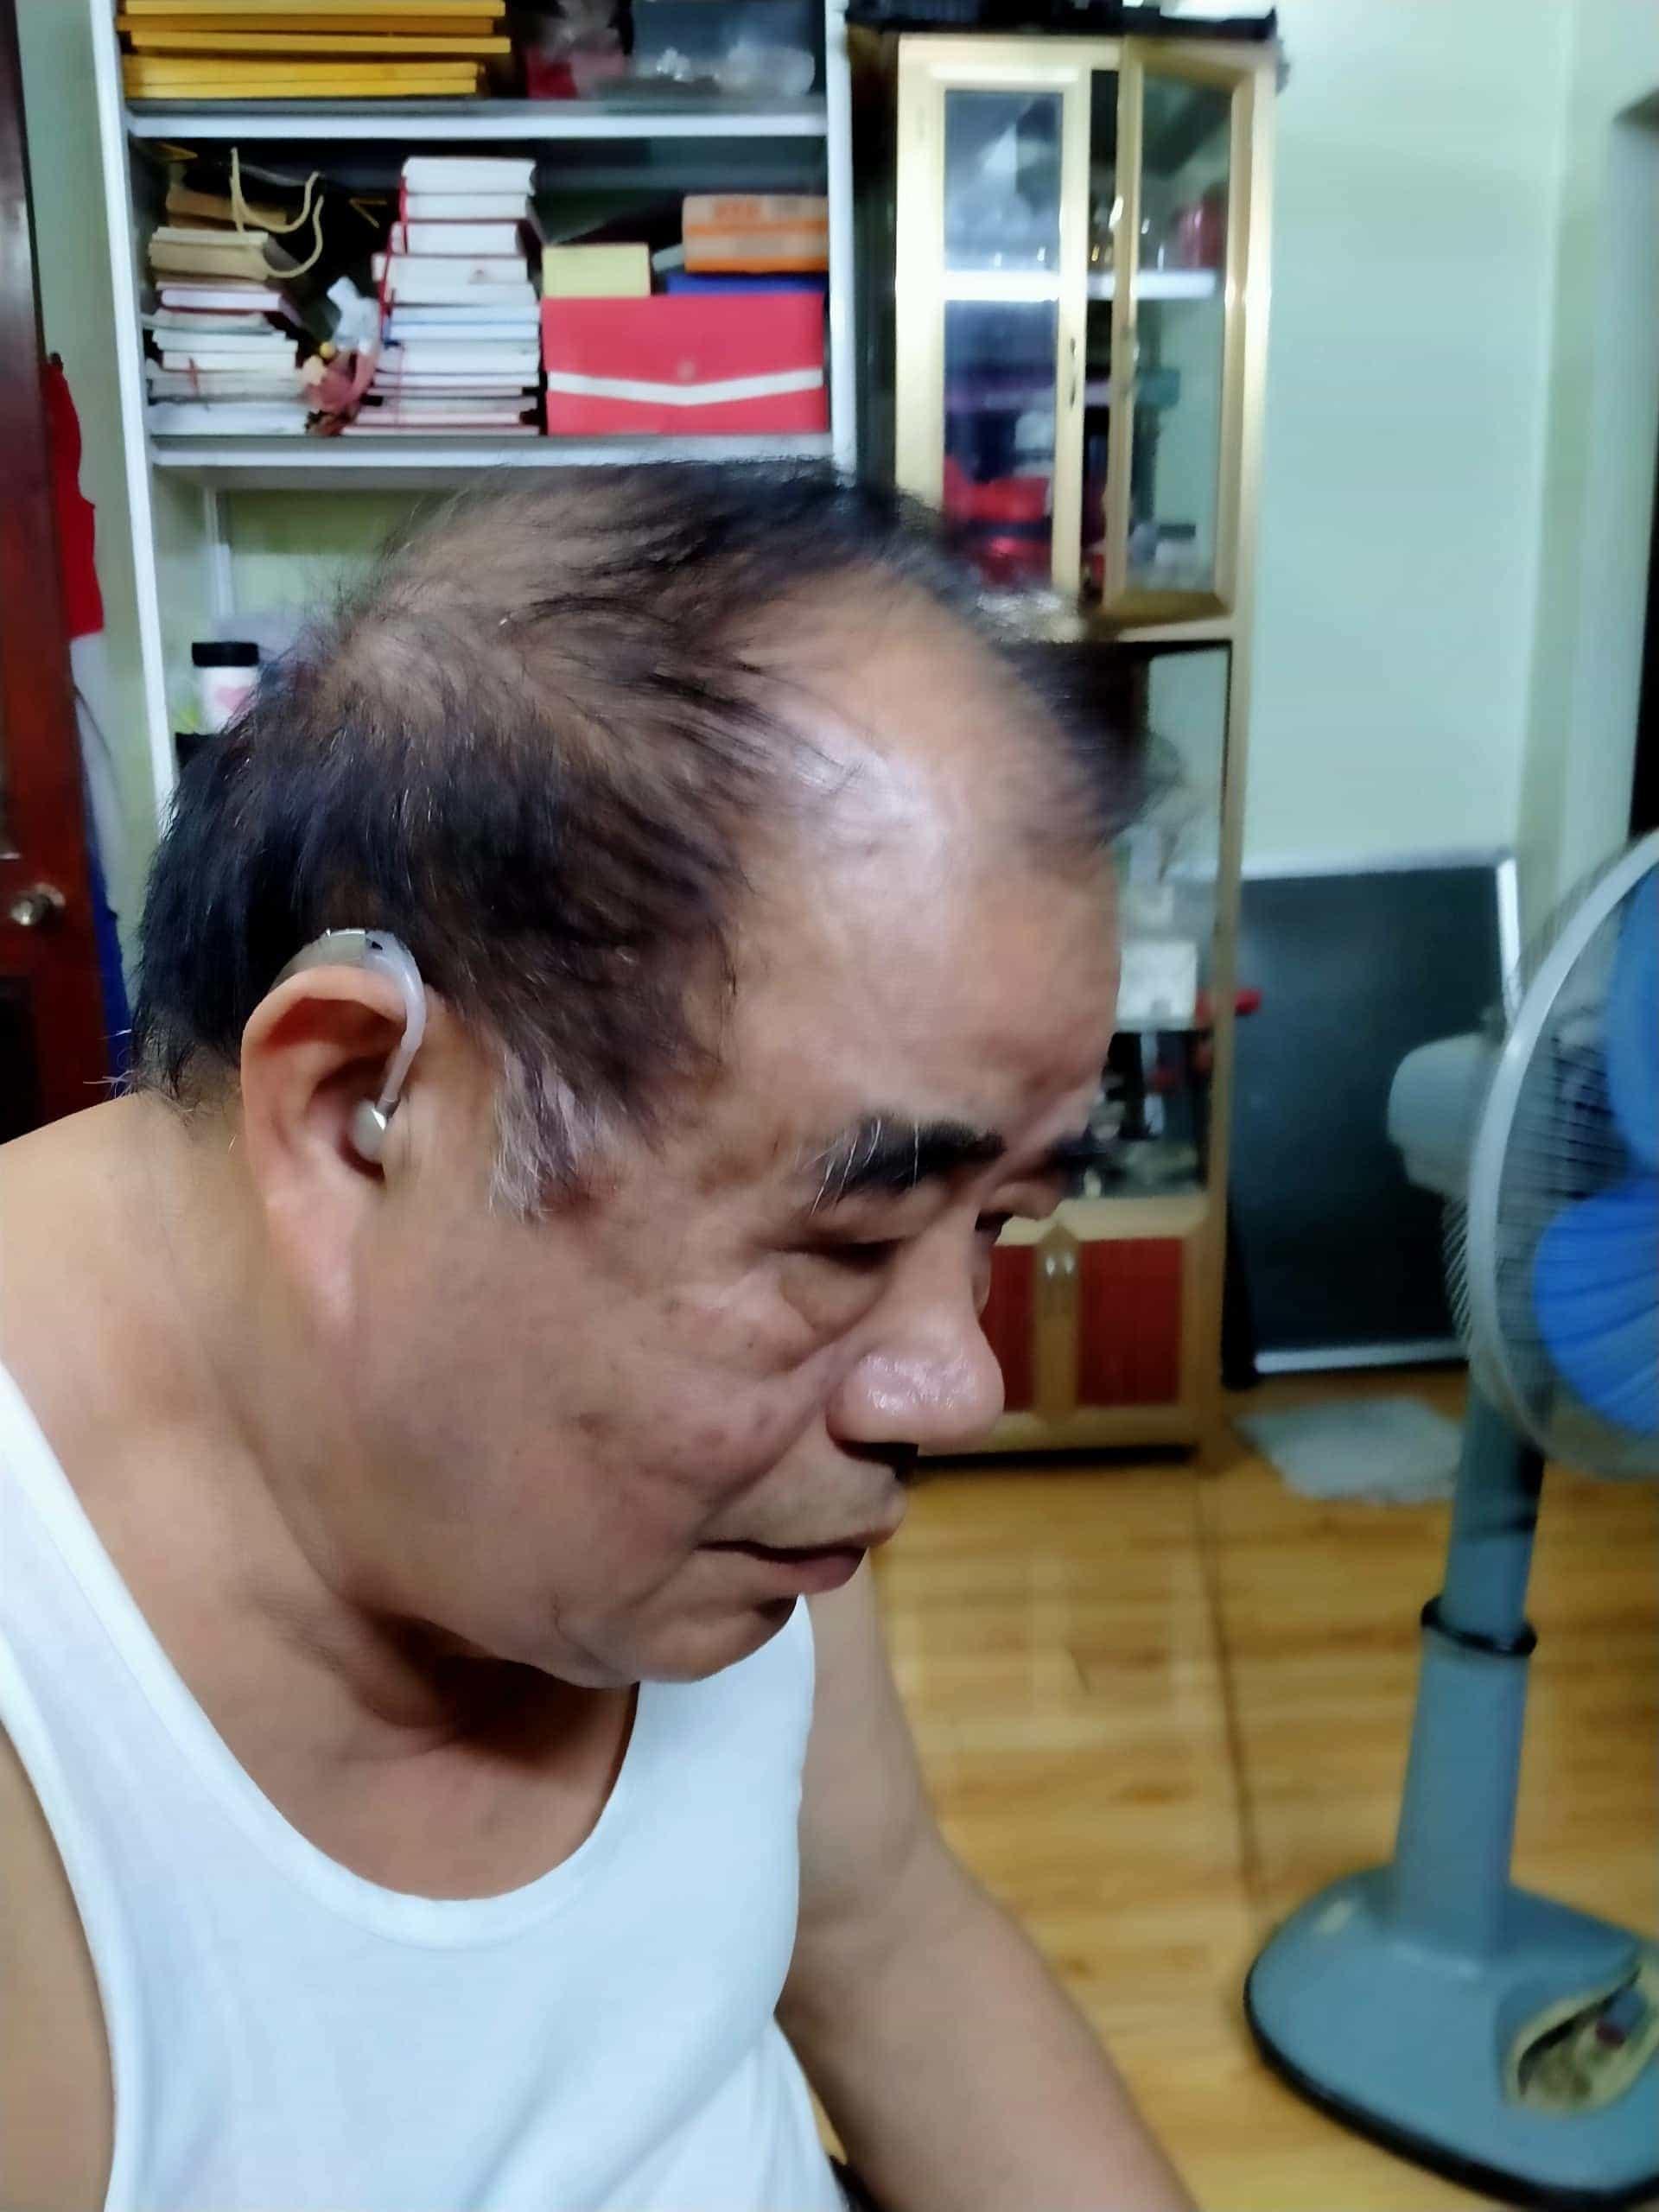 Image #2 from Phạm Khánh Toàn